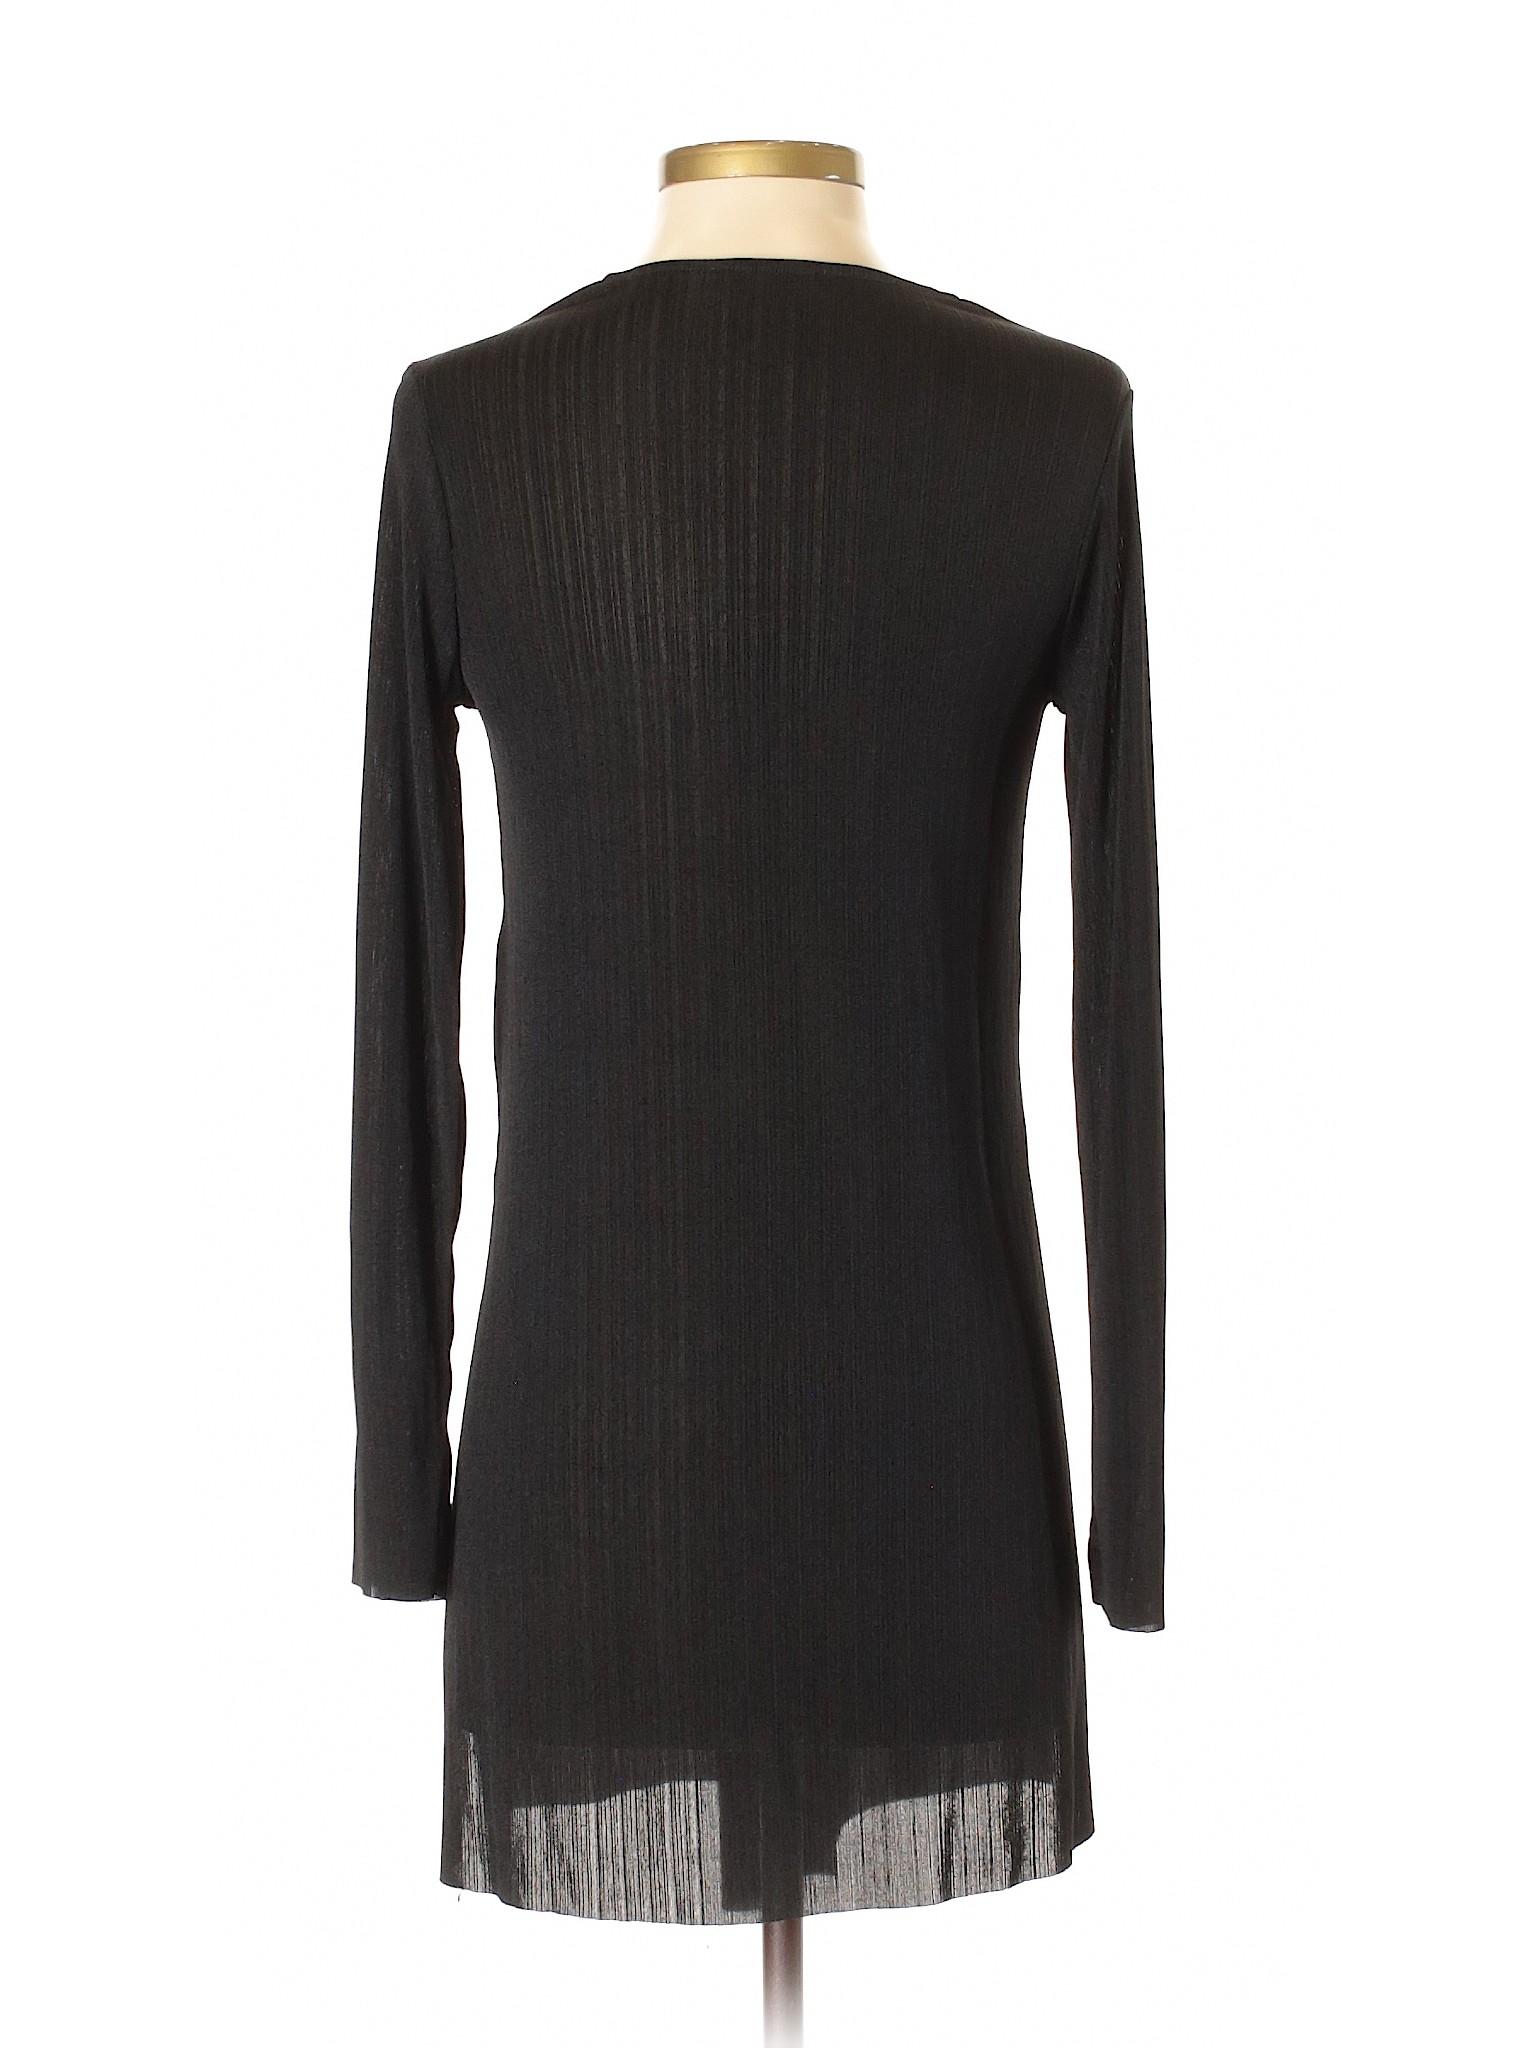 Selling Casual Zara Selling Dress Dress Zara Casual Selling Casual Zara Zara Dress Selling PxqBwdPY